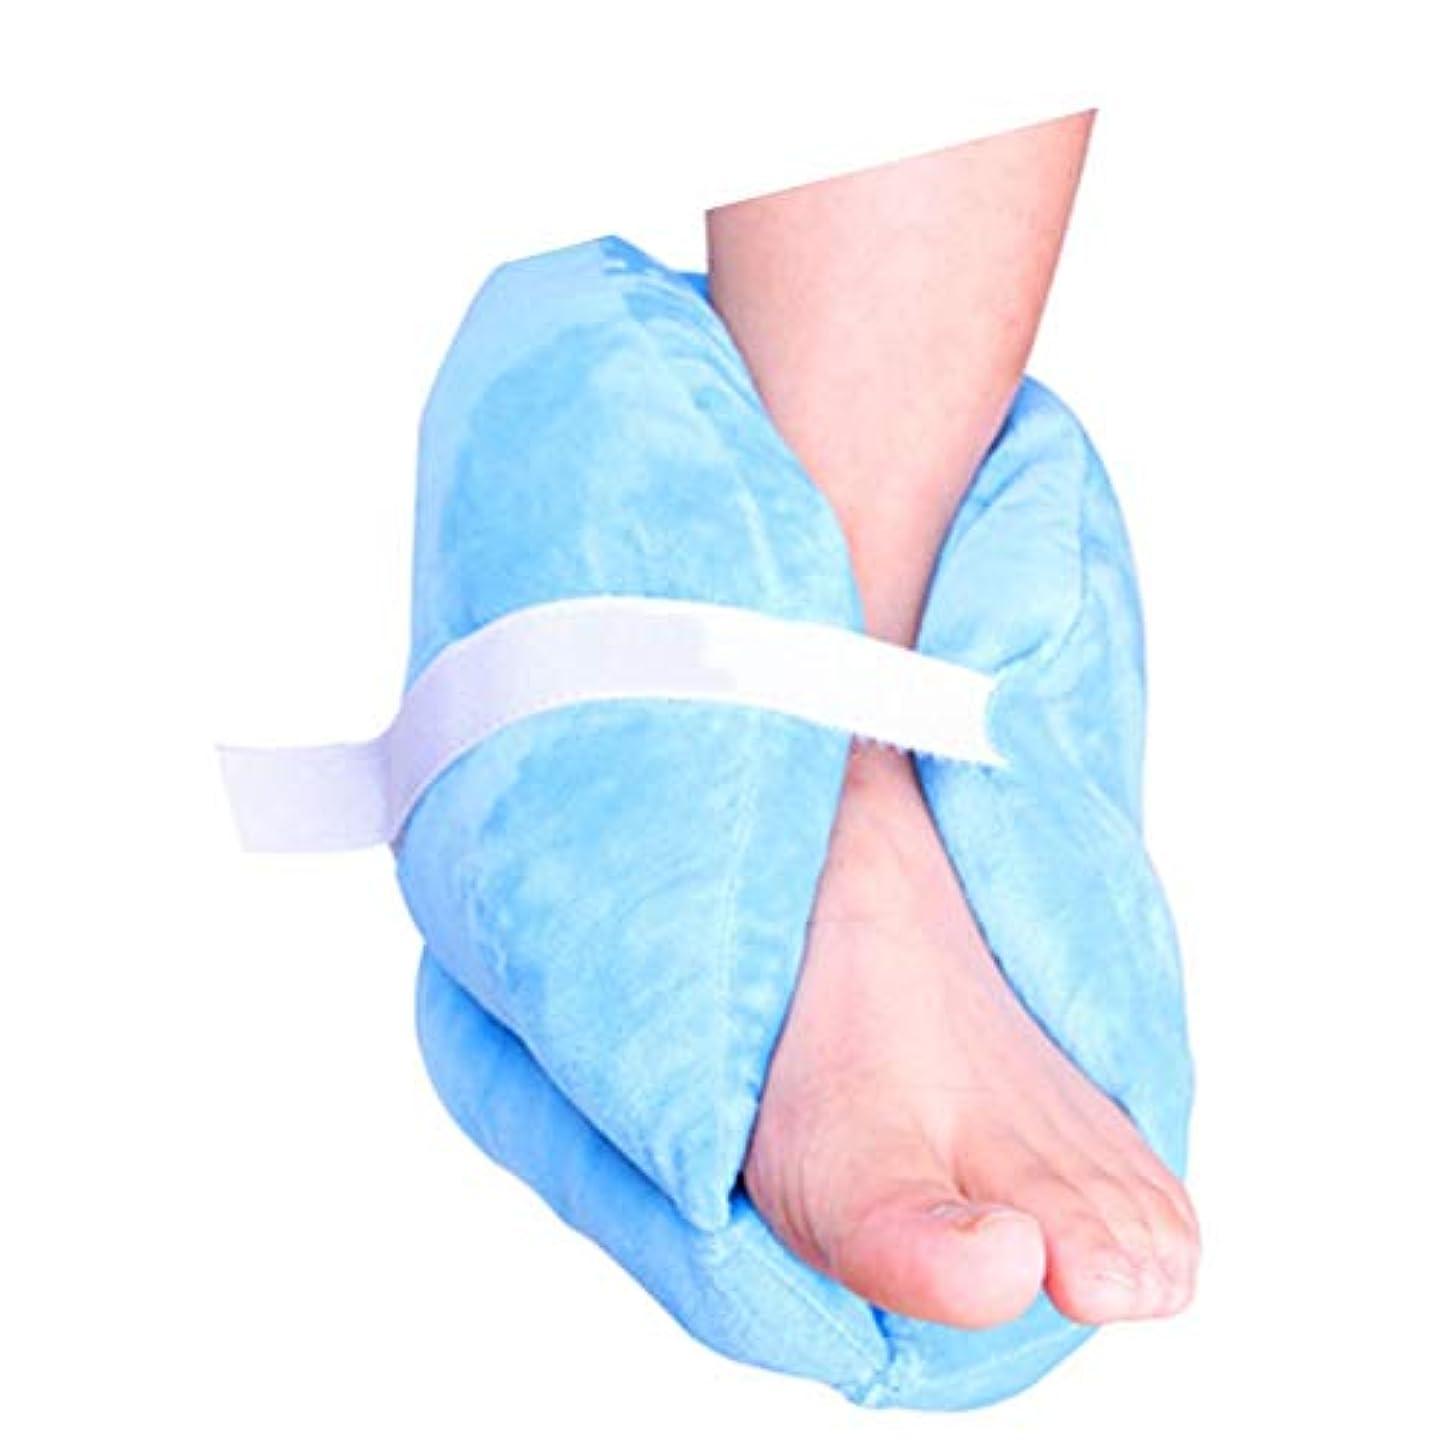 泣き叫ぶ安定モジュール足枕減圧かかとパッド反De瘡足保護スリーブ患者ケア製品